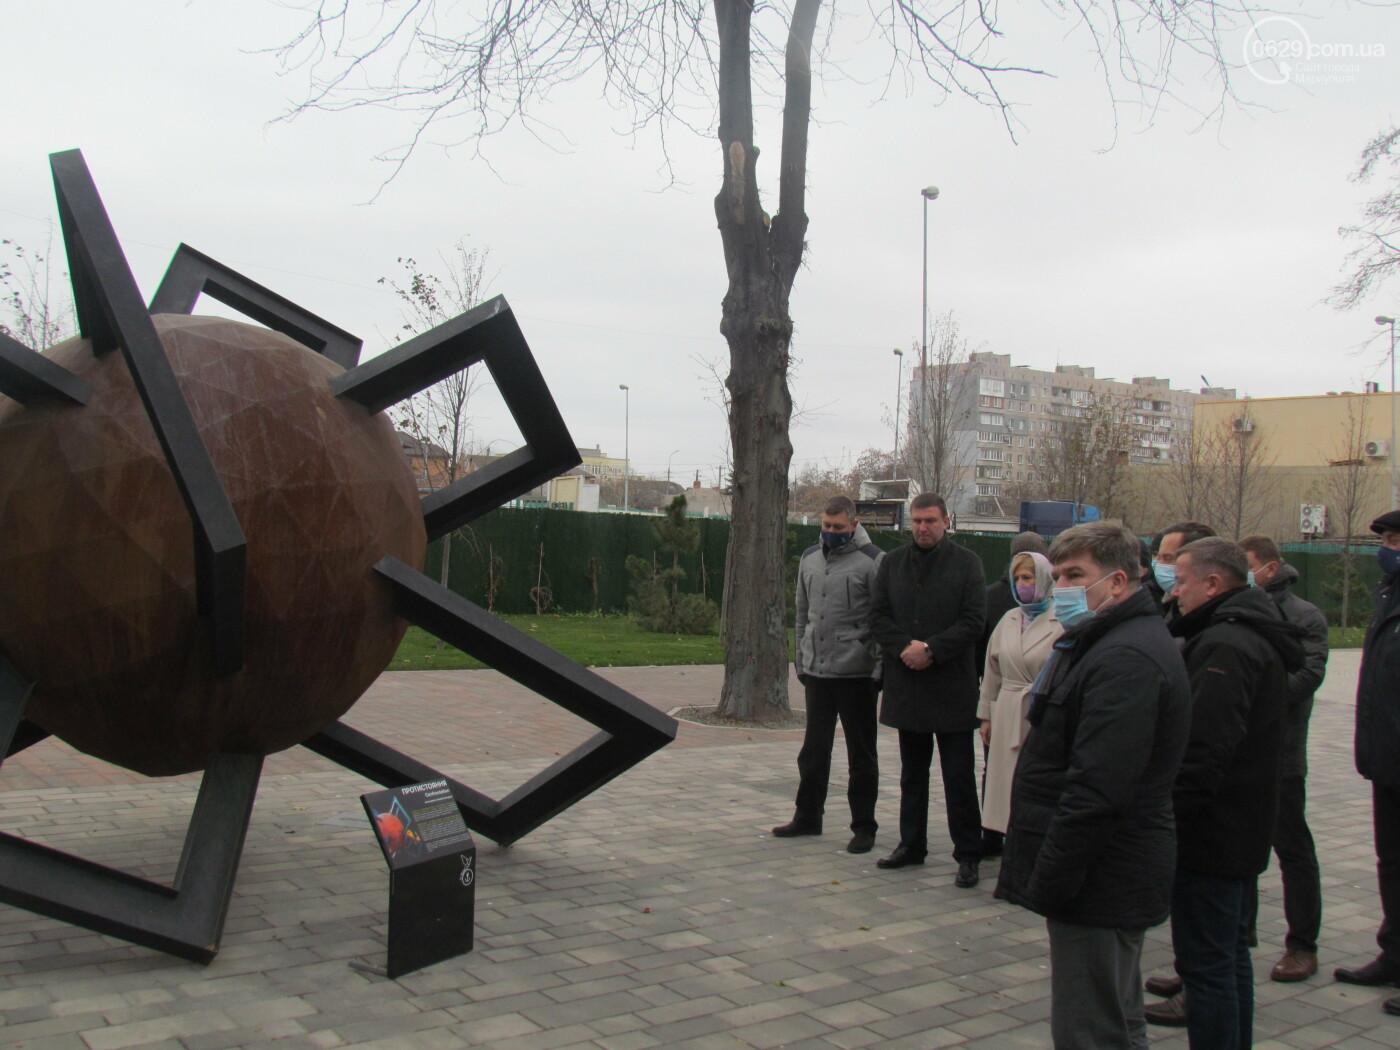 День Достоинства и Свободы. В Мариуполе почтили память погибших на Майдане, - ФОТОРЕПОРТАЖ, фото-2